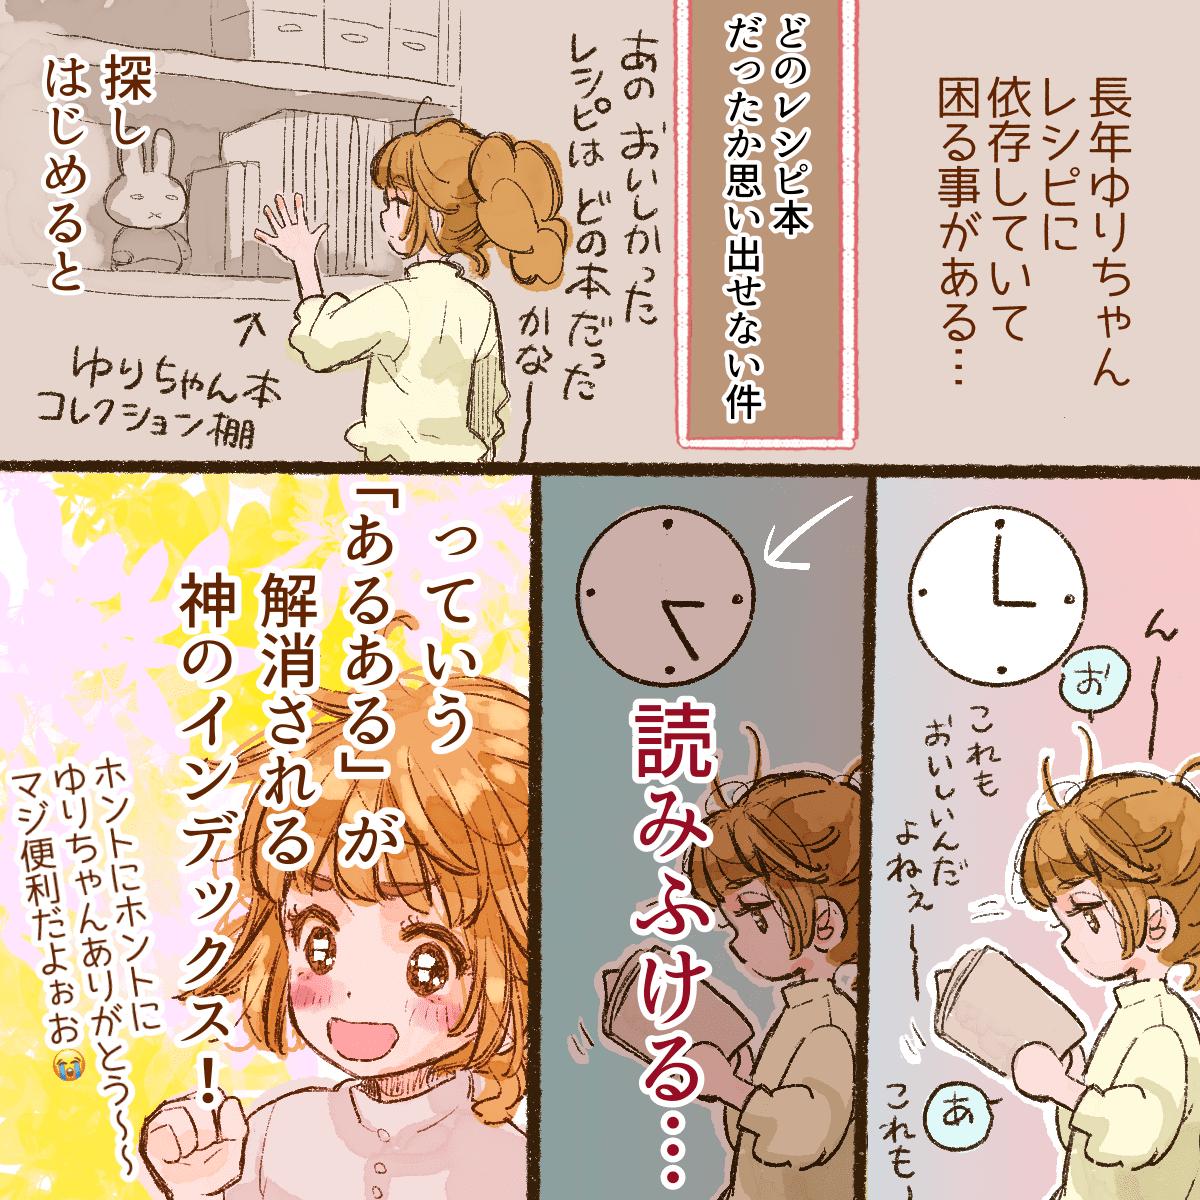 syunkonカフェごはん10冊分INDEXについての漫画